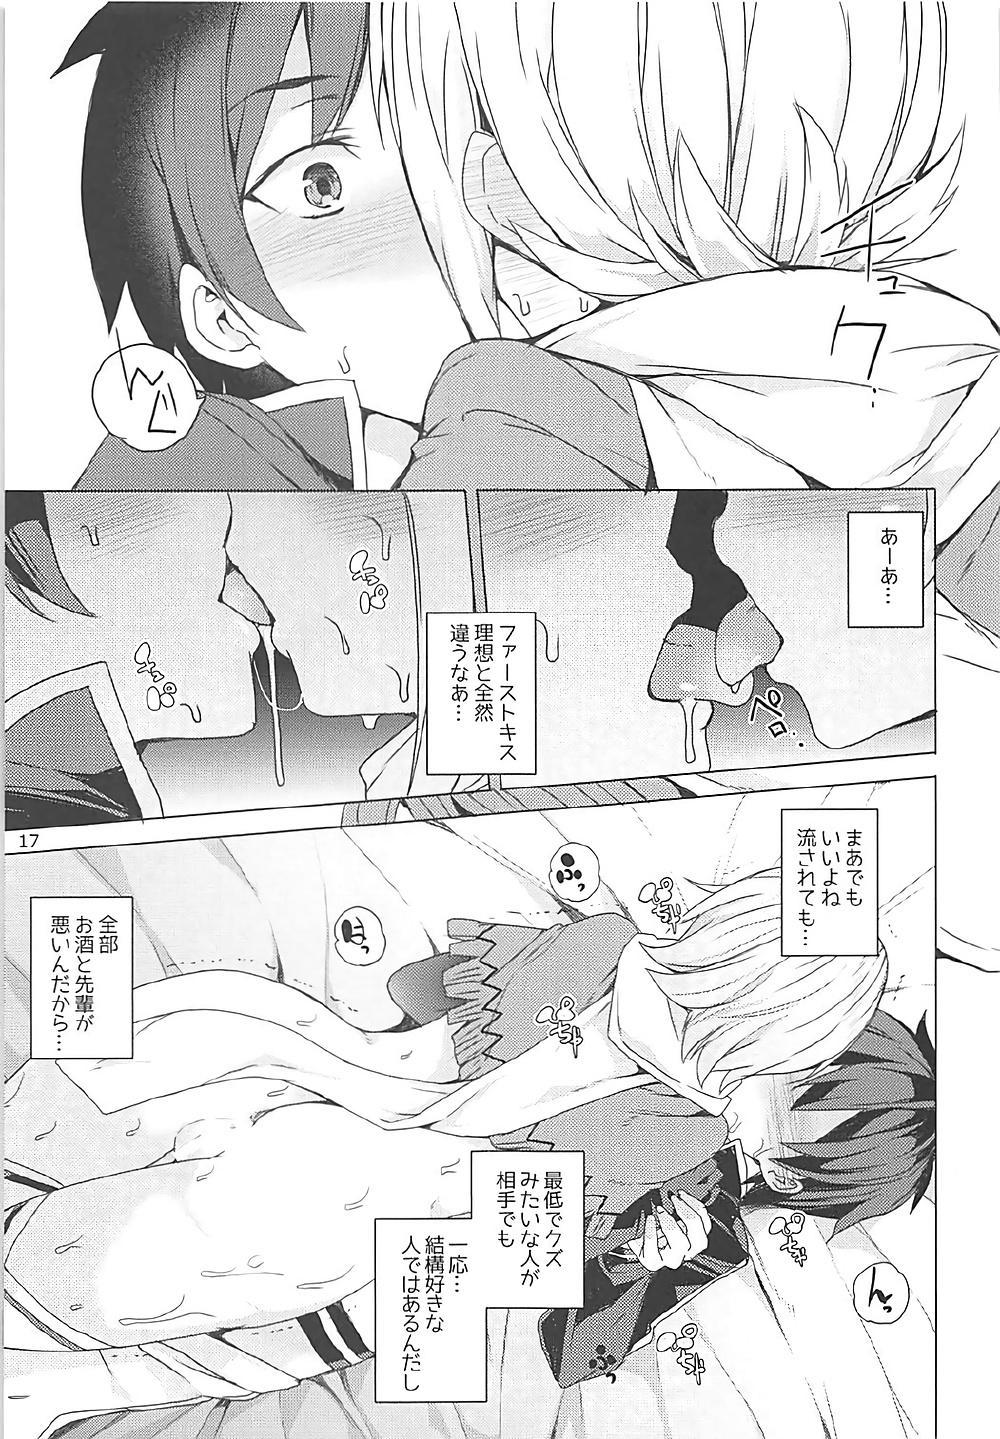 Kono Subarashii Megami-tachi to 3P o! 13